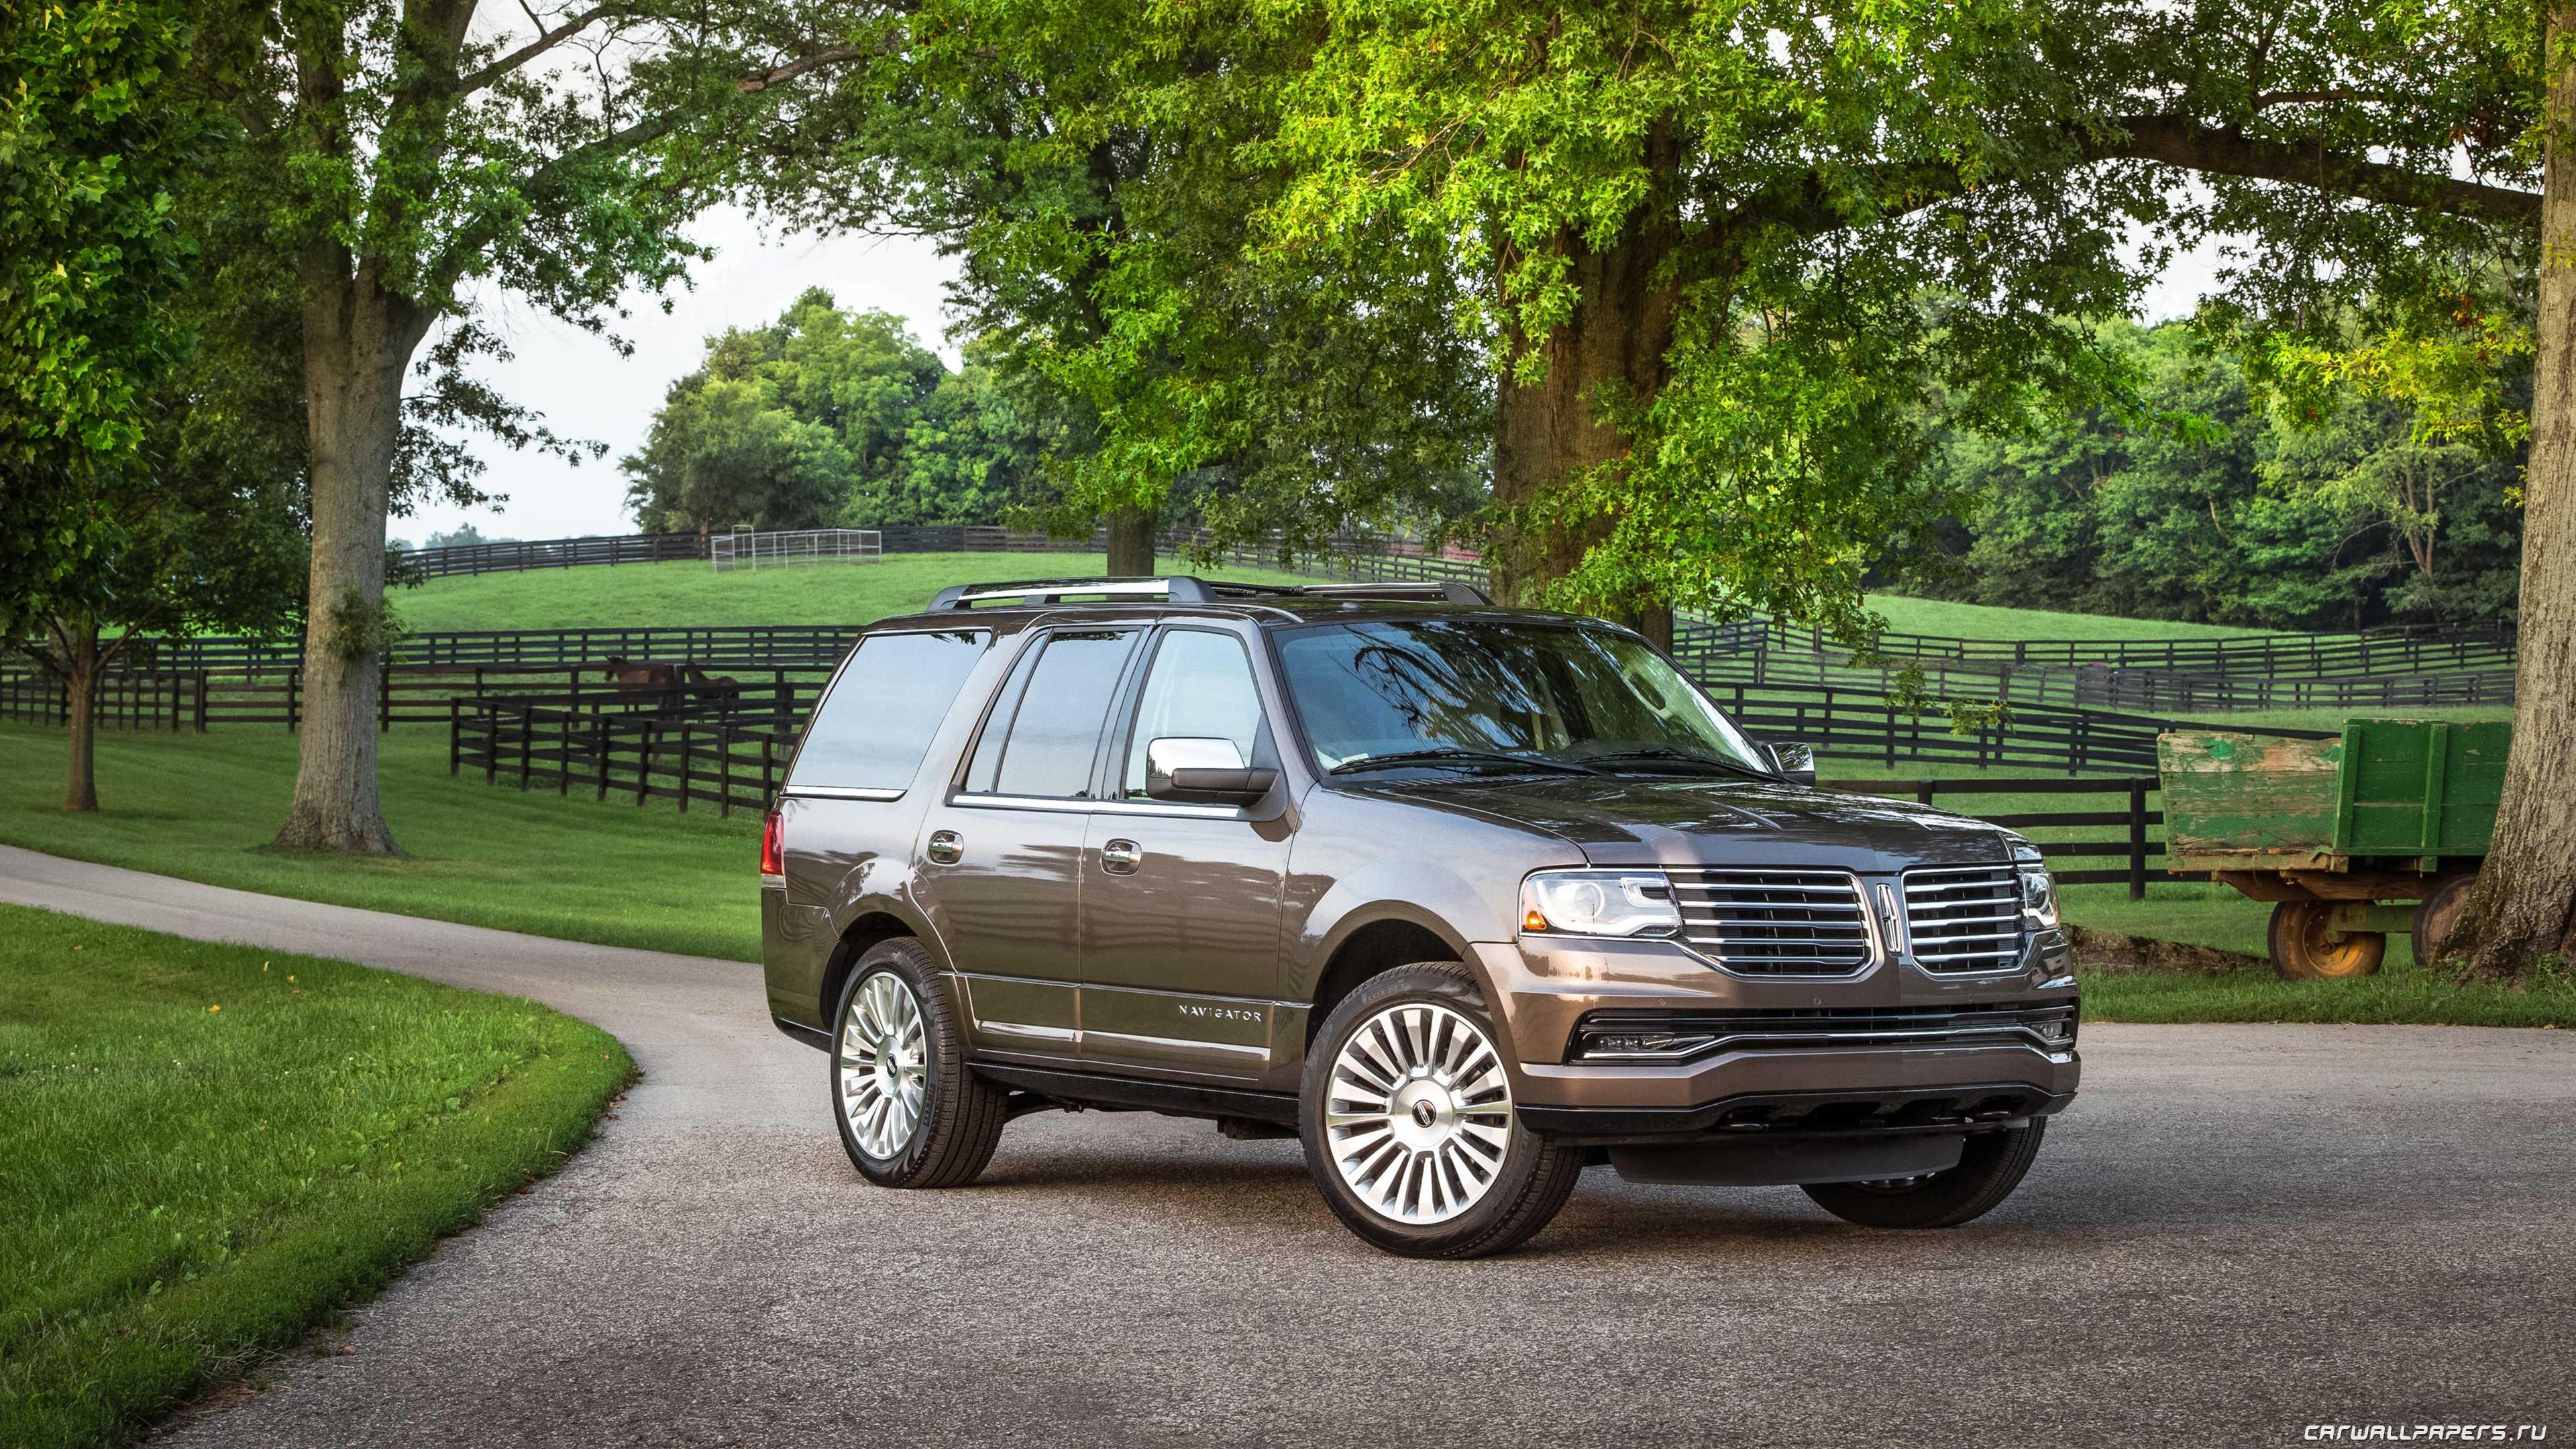 Тяжелый SUV имеет довольно мощный мотор V6 35 EcoBoost на 456 лс чтобы легко выдержать дополнительных несколько сот килограмм бронирования